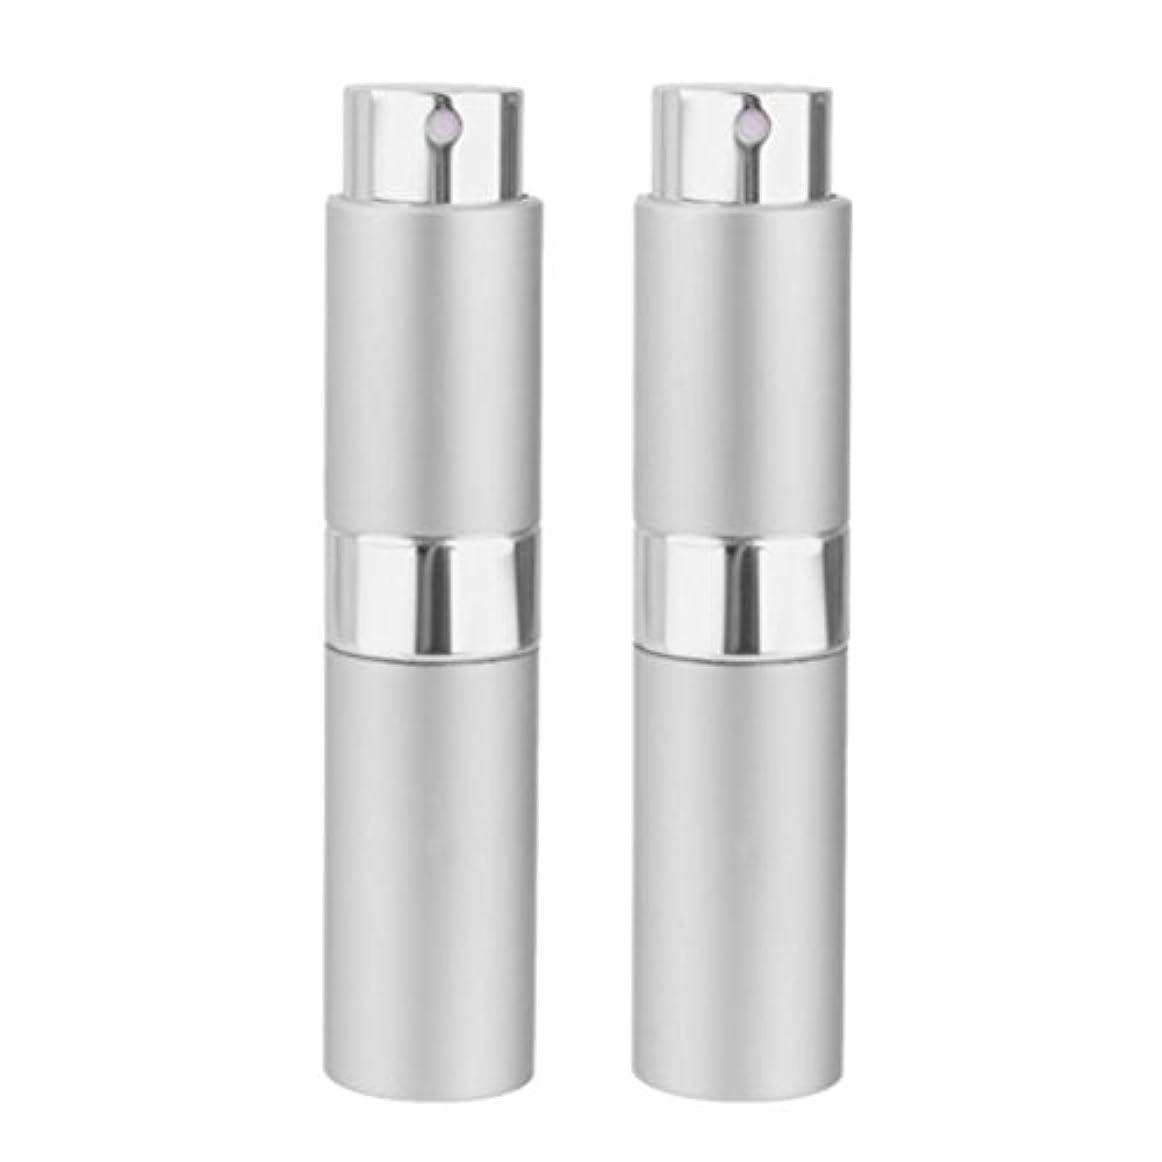 包帯私たちのもの傷つきやすい8ML 香水アトマイザー ポンプボトル トラベルボトル フェイスケアツール 格納式ノズル 2個入り